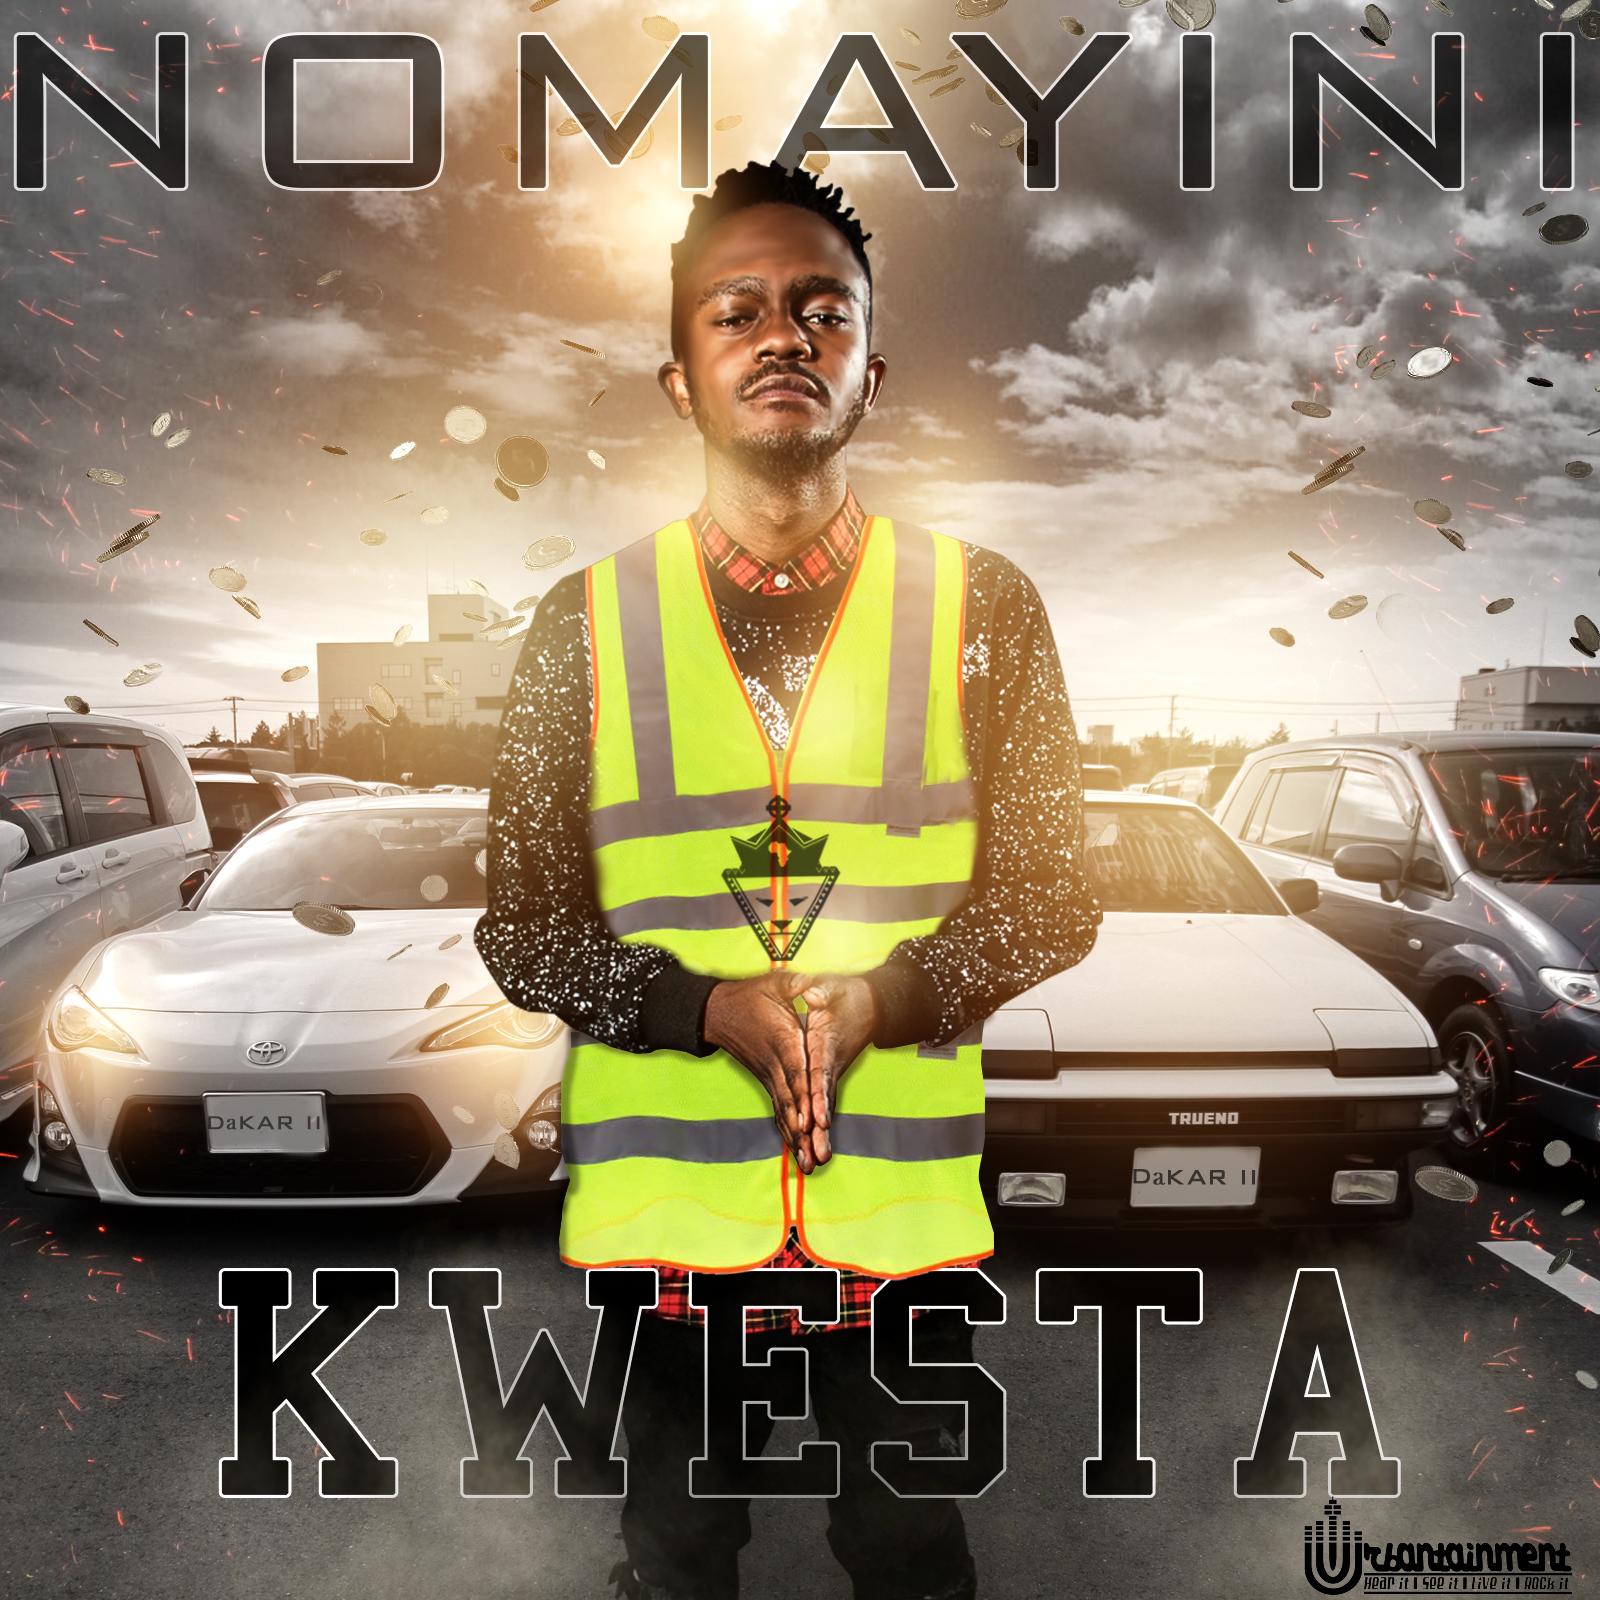 Kwesta - Nomayini